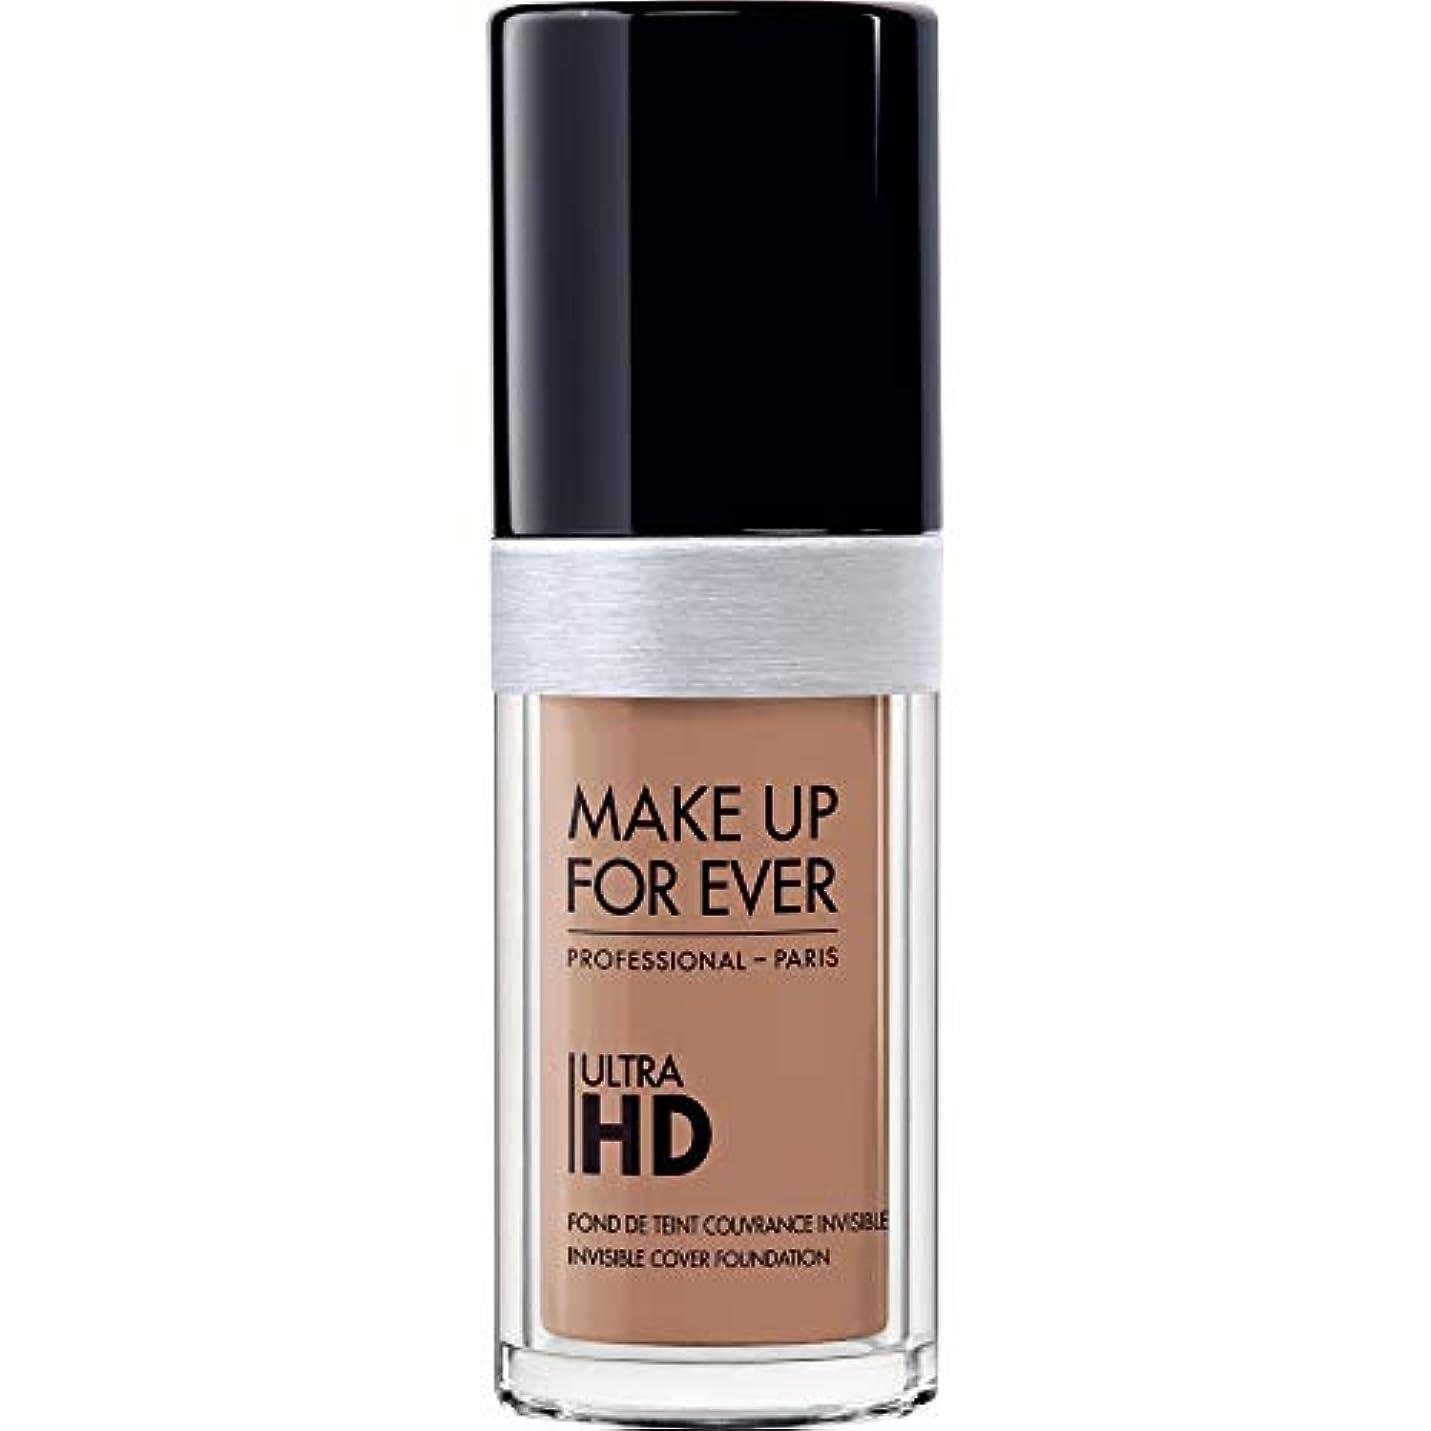 政権過度にジャベスウィルソン[MAKE UP FOR EVER ] 目に見えないカバーファンデーション30ミリリットルのY435 - - これまでの超Hdの基盤を補うキャラメル - MAKE UP FOR EVER Ultra HD Foundation...